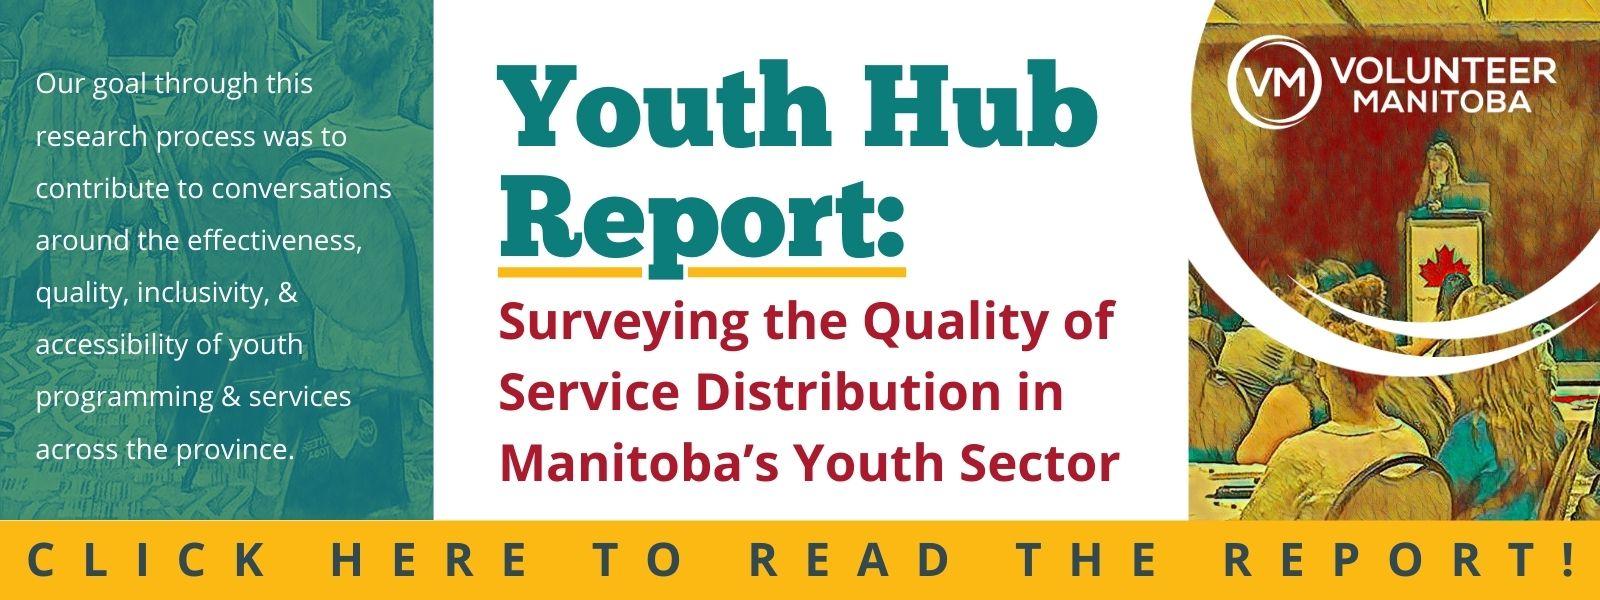 VM Youth Hub Report